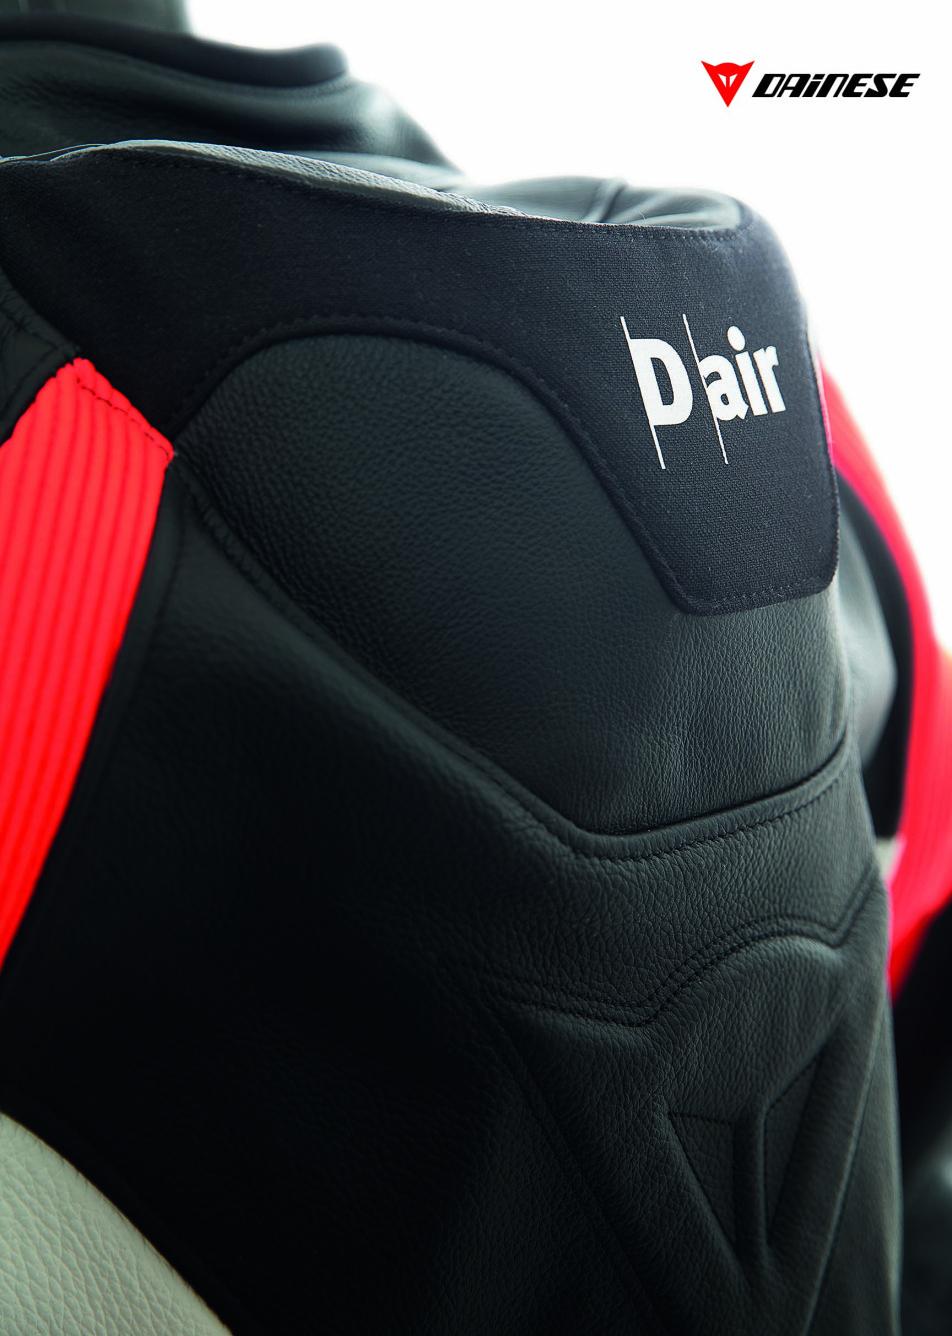 Dainese-D-Air-Misano-1000-airbag-motorcycle-jacket-02.jpg